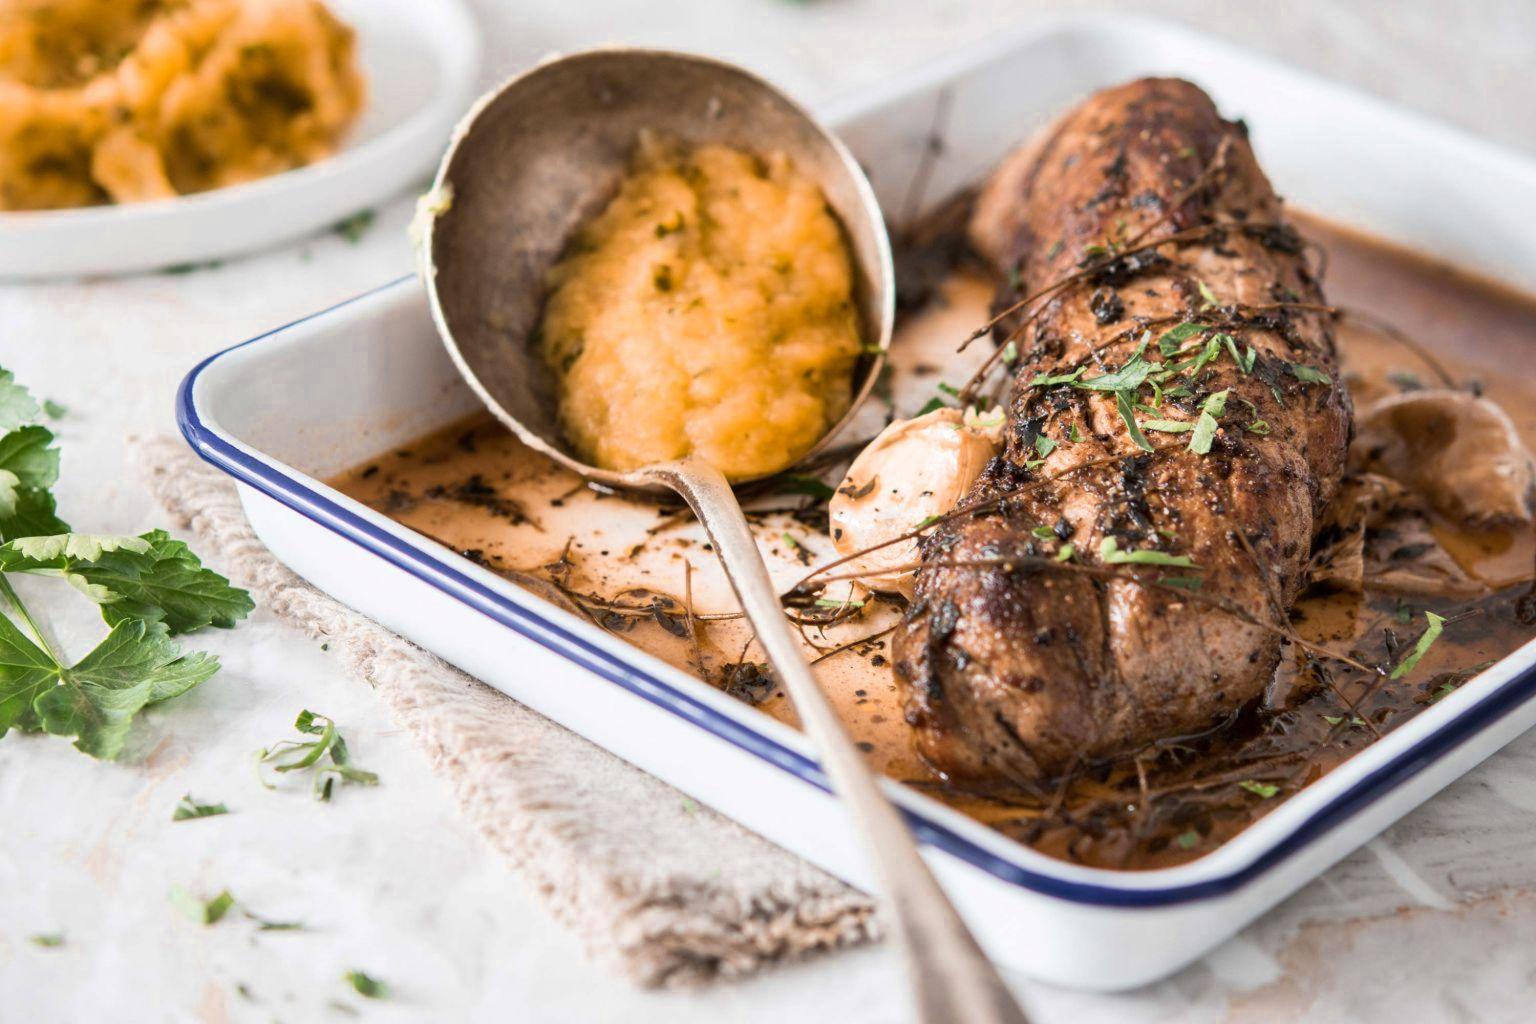 Filet mignon de porc au thym et purée de patate douce